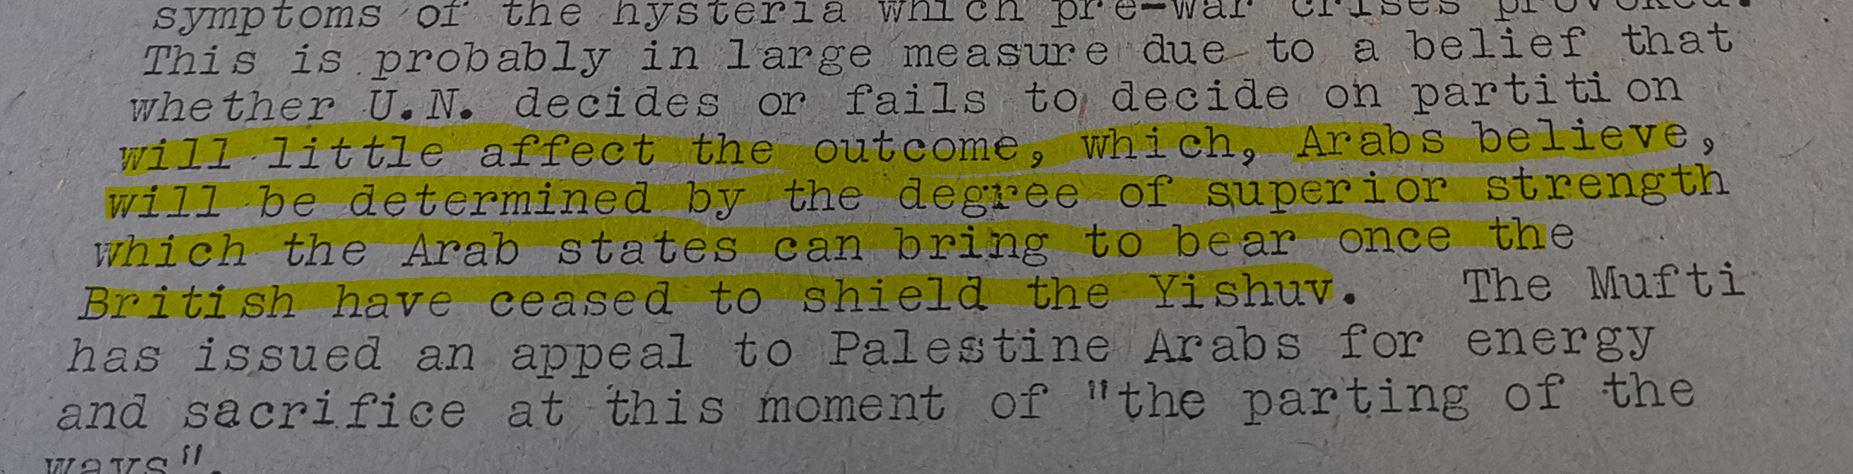 Nakba 1948 myth